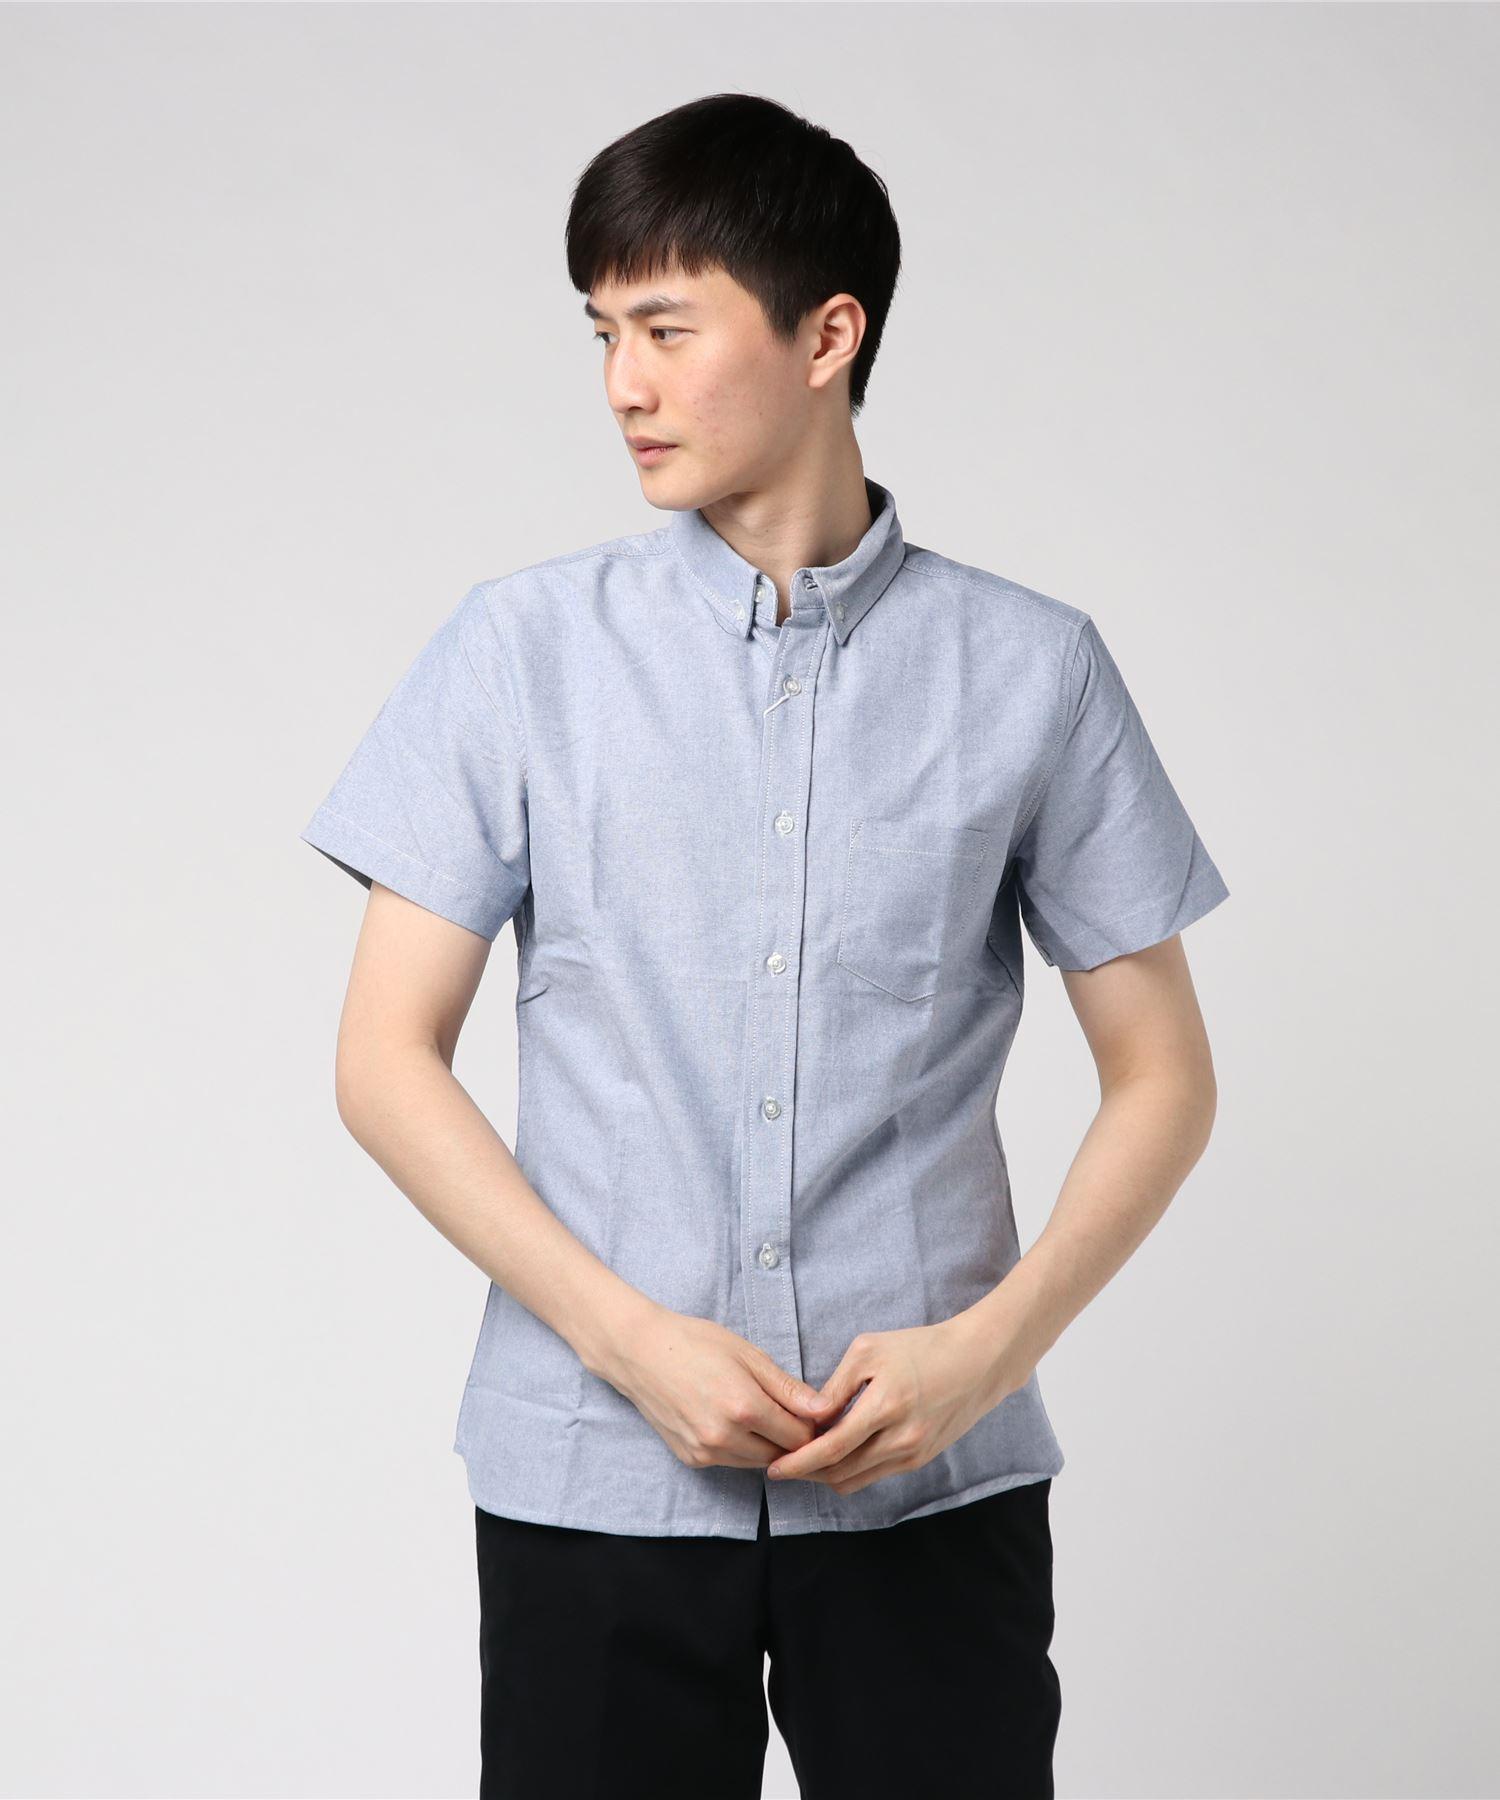 オックスボタンダウン半袖シャツ